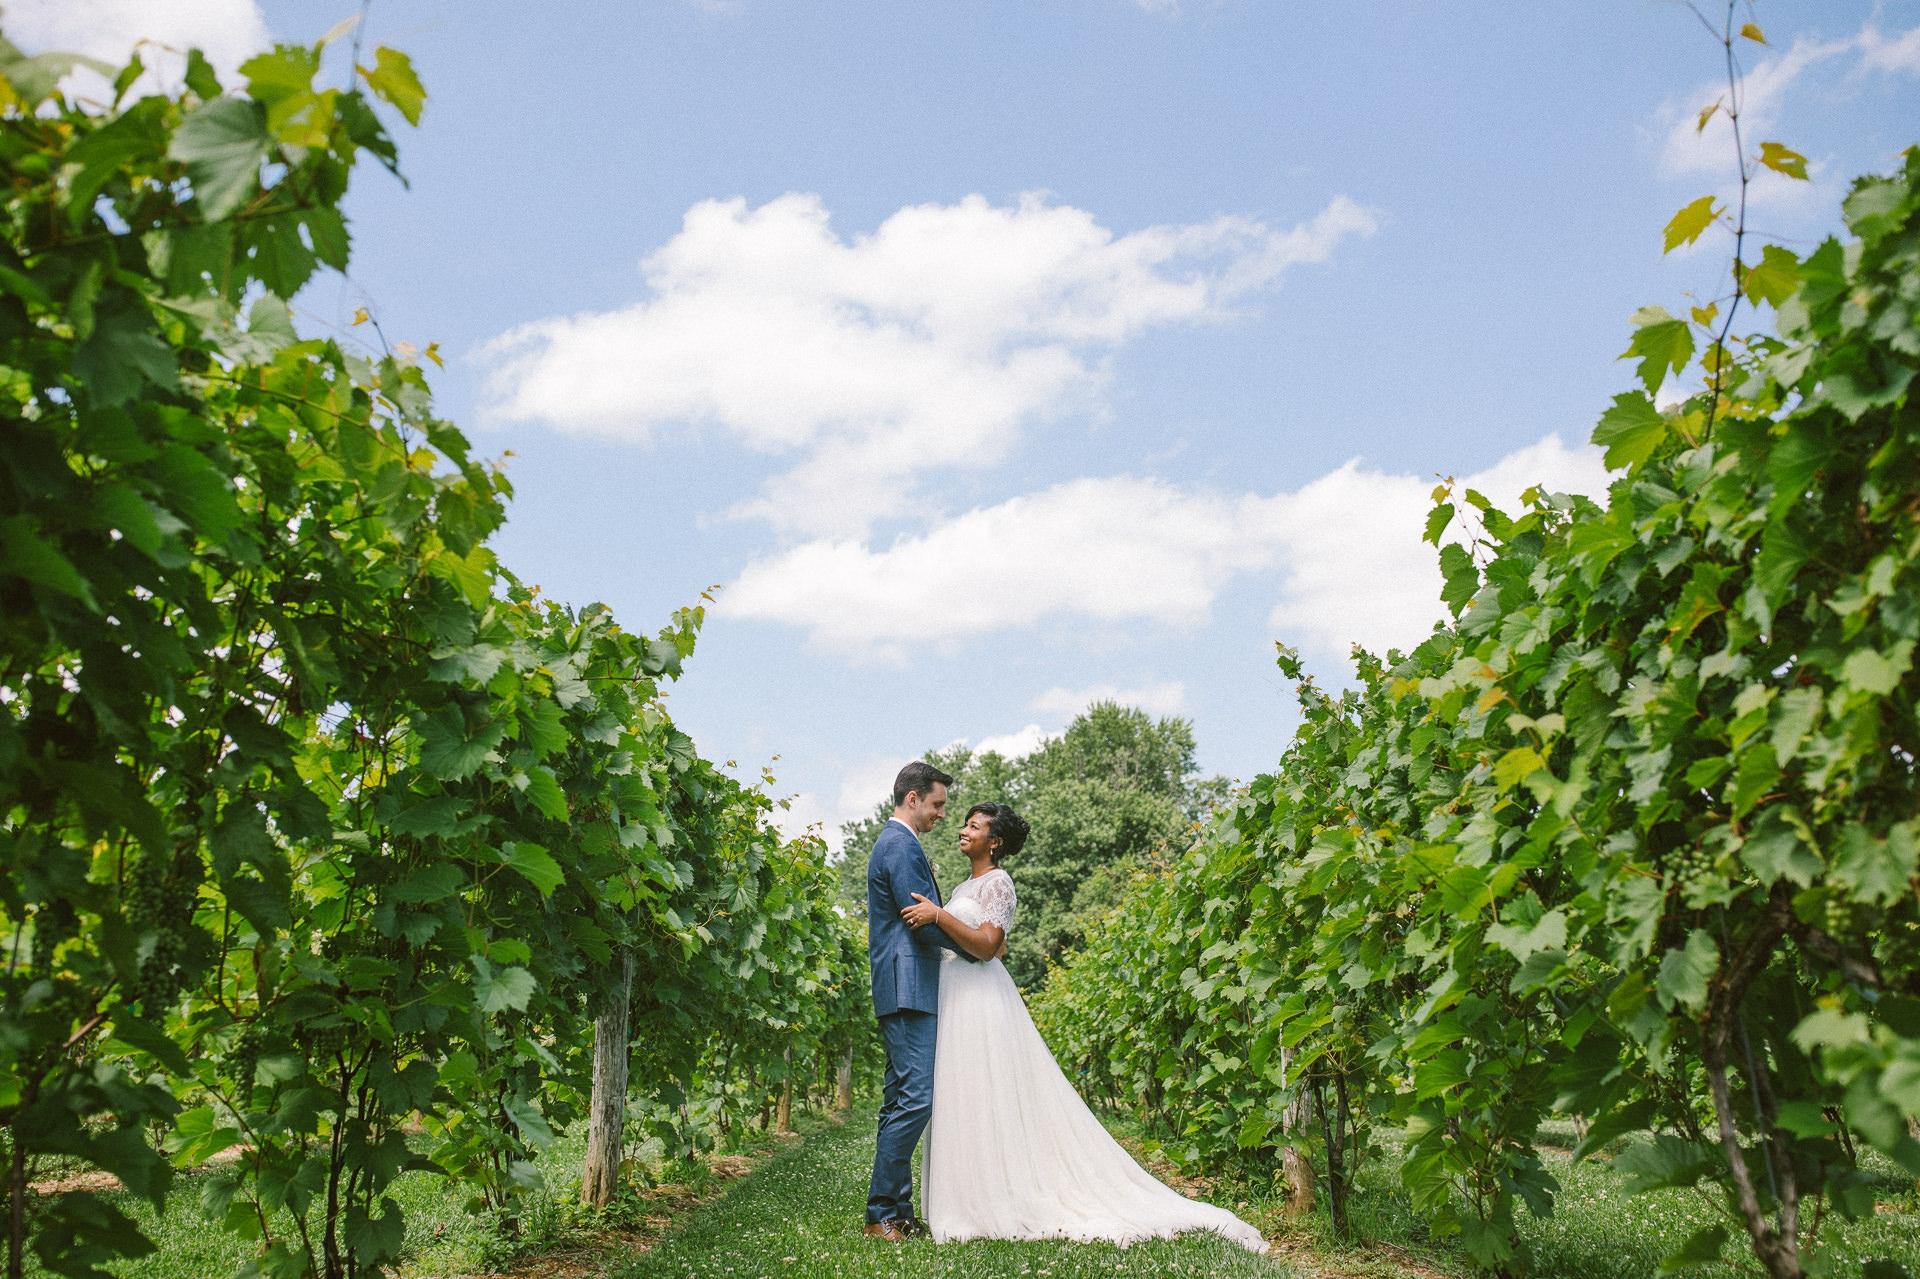 Gervasi Wedding Photographer in Canton Ohio 1.jpg